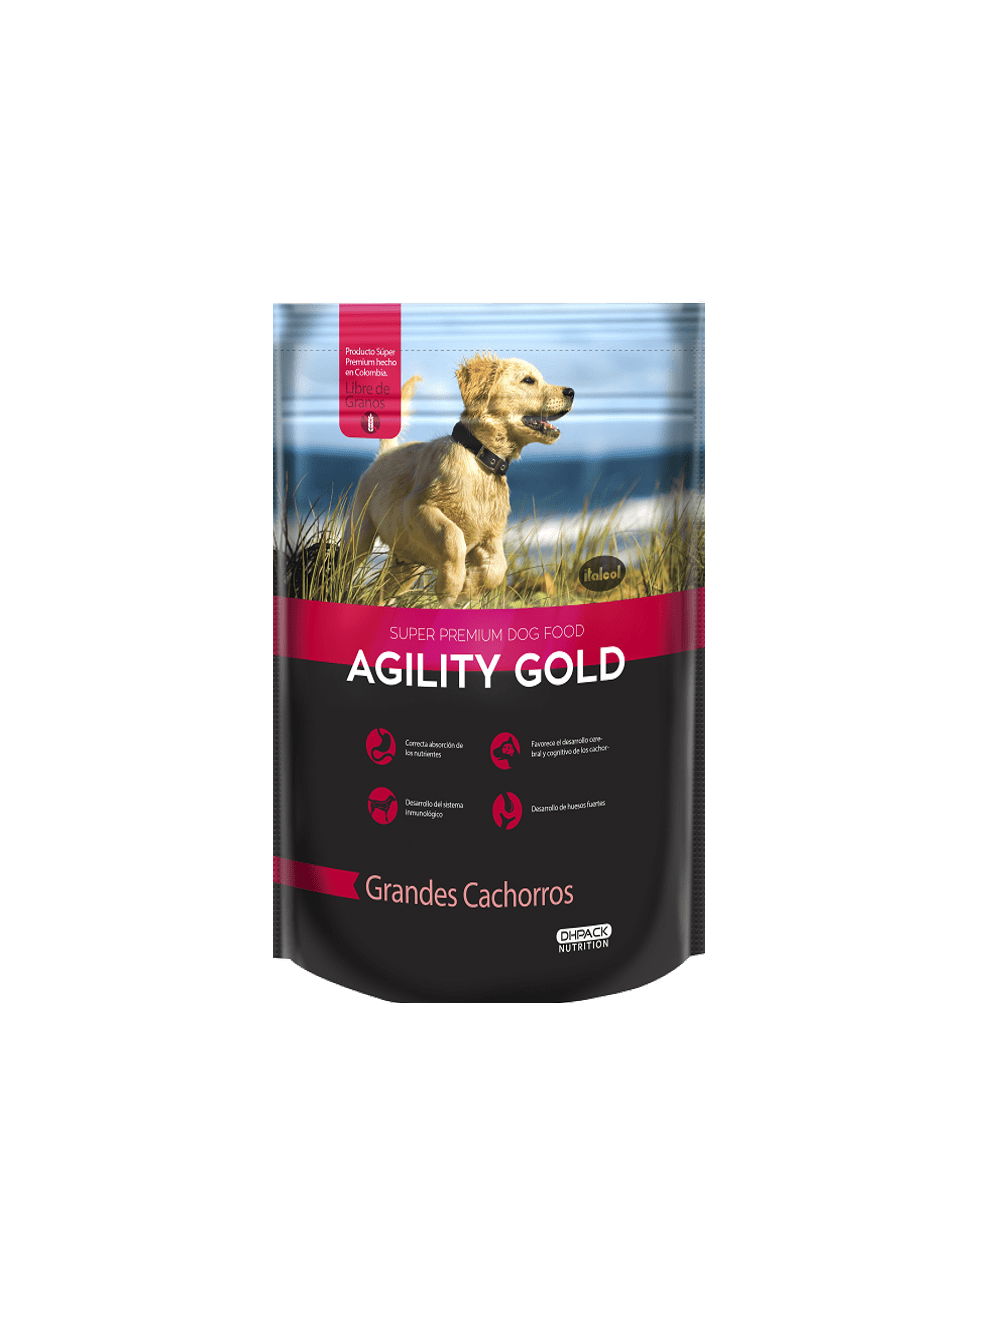 Agility Gold Grandes Cachorros (1.5 Kg)